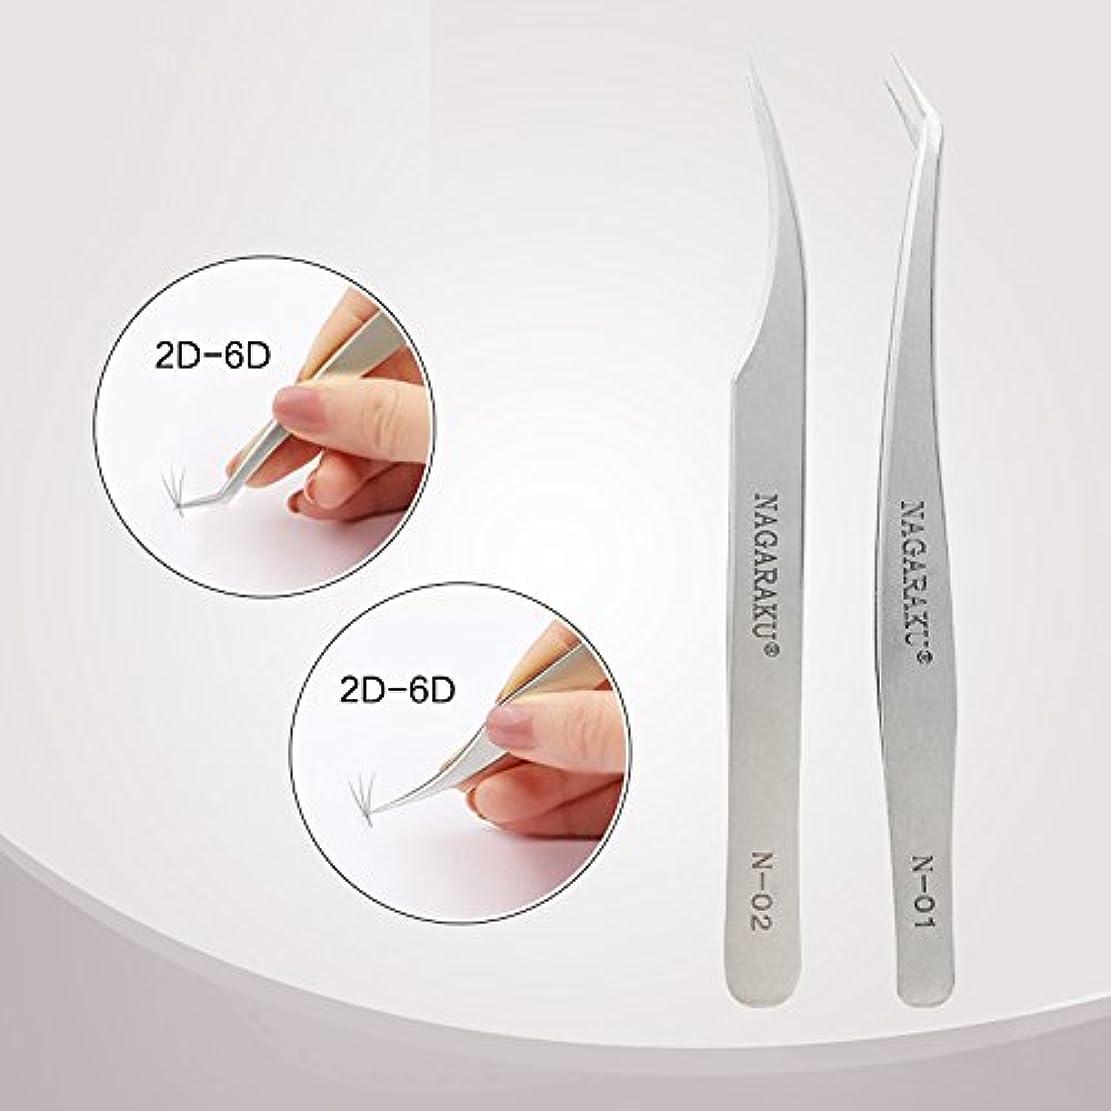 構成員プロフェッショナル望むNAGARAKU 2pcs tweezers pincet for professional eyelash extension volume flower bloom eyelash tweezers stainless...